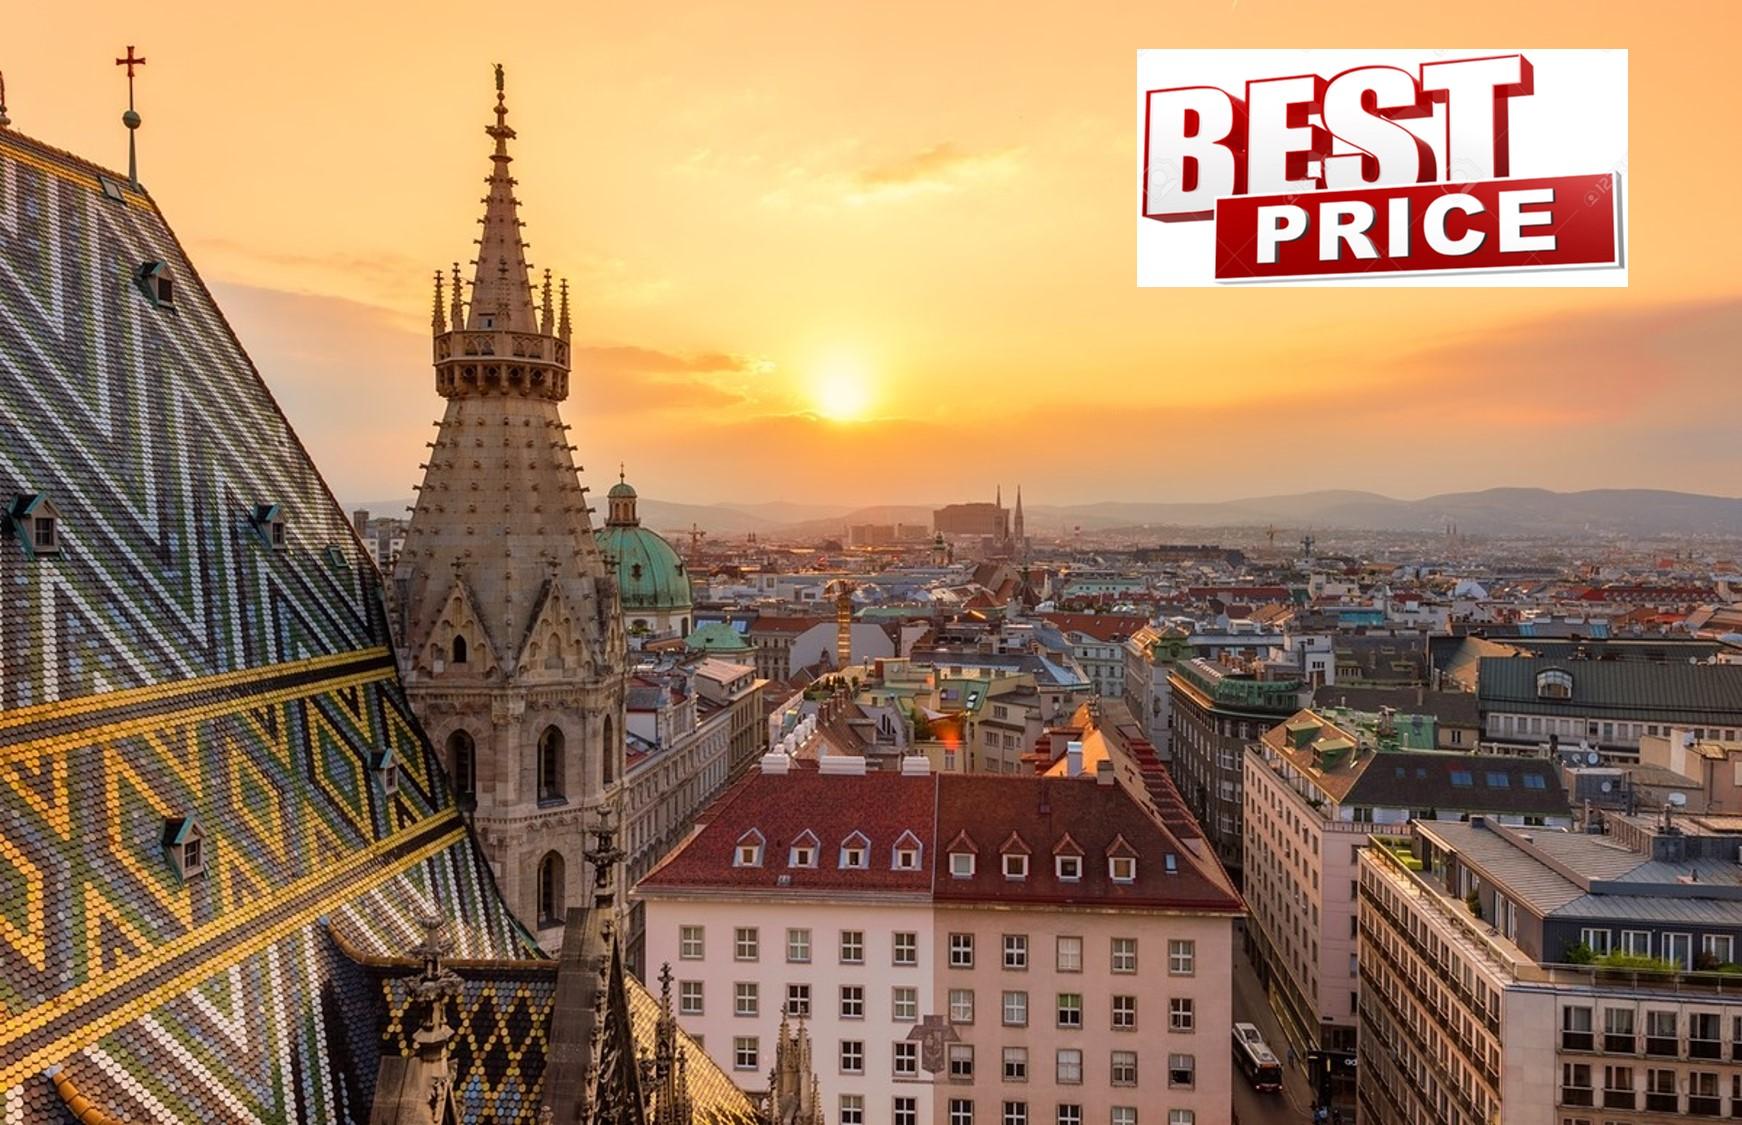 ΒΙΕΝΝΗ στην καλύτερη τιμή της αγοράς! Από 240€ για 4 μέρες με Αεροπορικά, Κεντρικό Ξενοδοχείο & Φόρους πληρωμένους